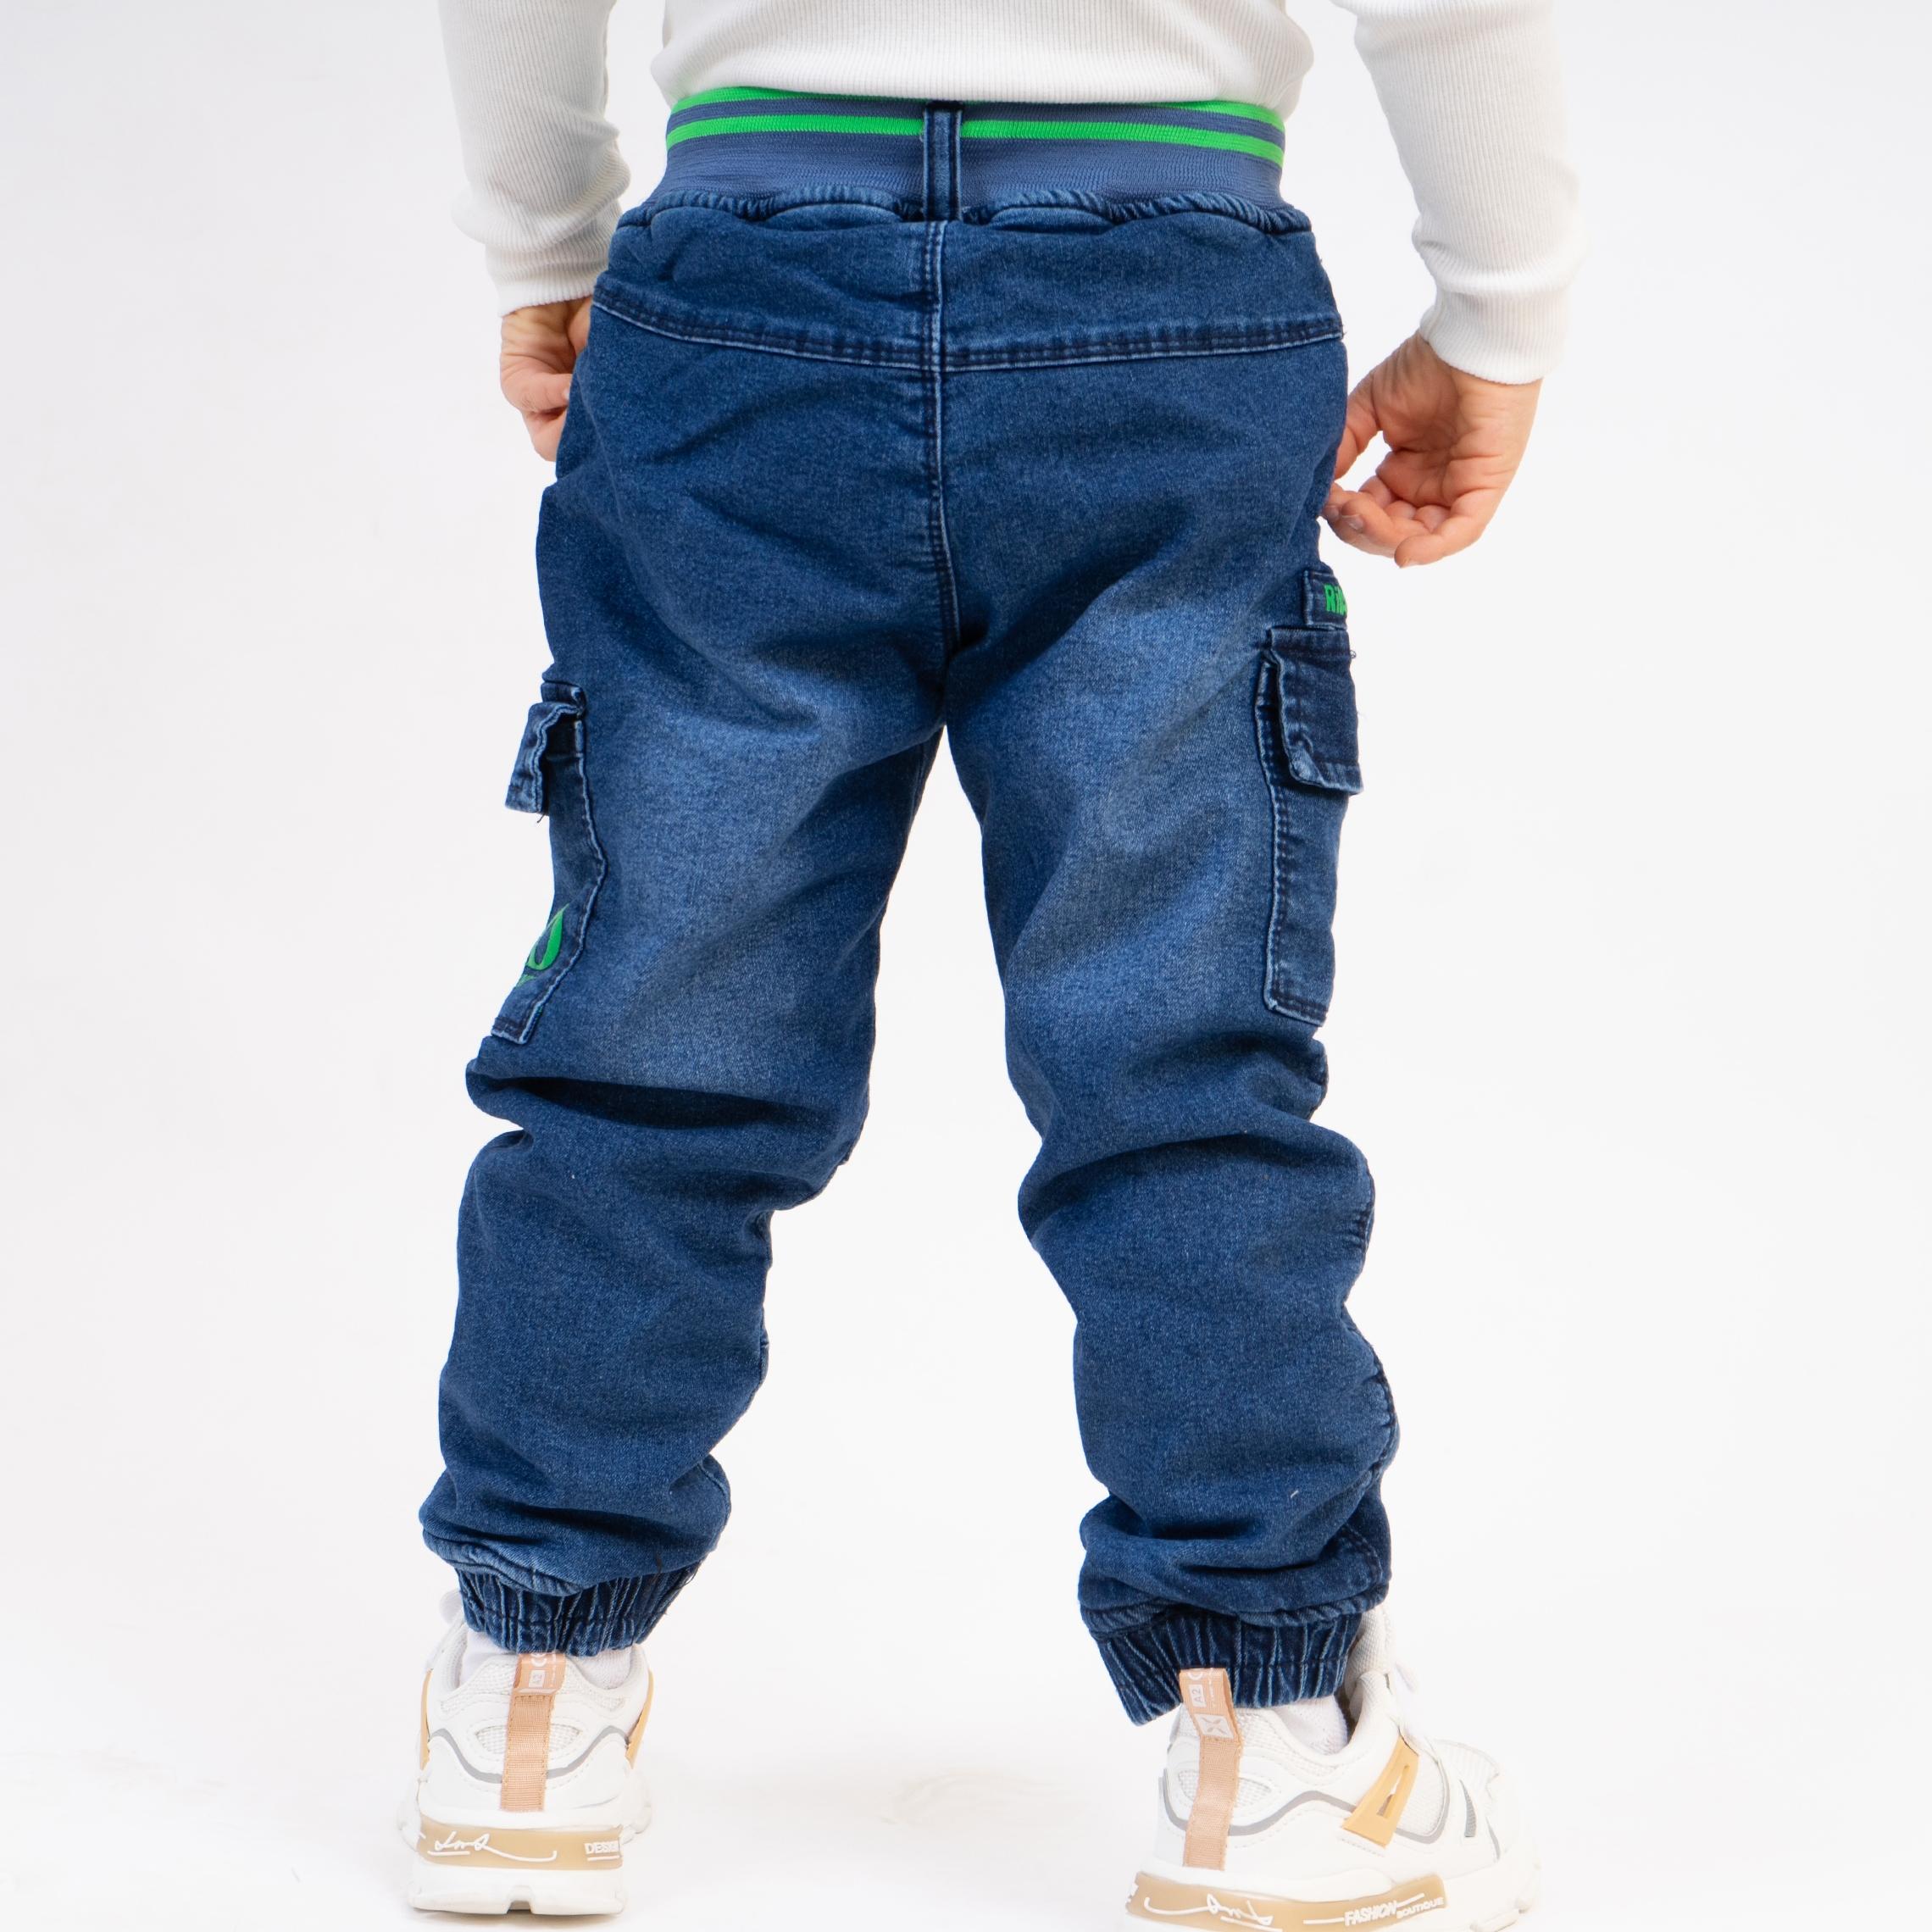 Модные джинсы на меху для мальчика